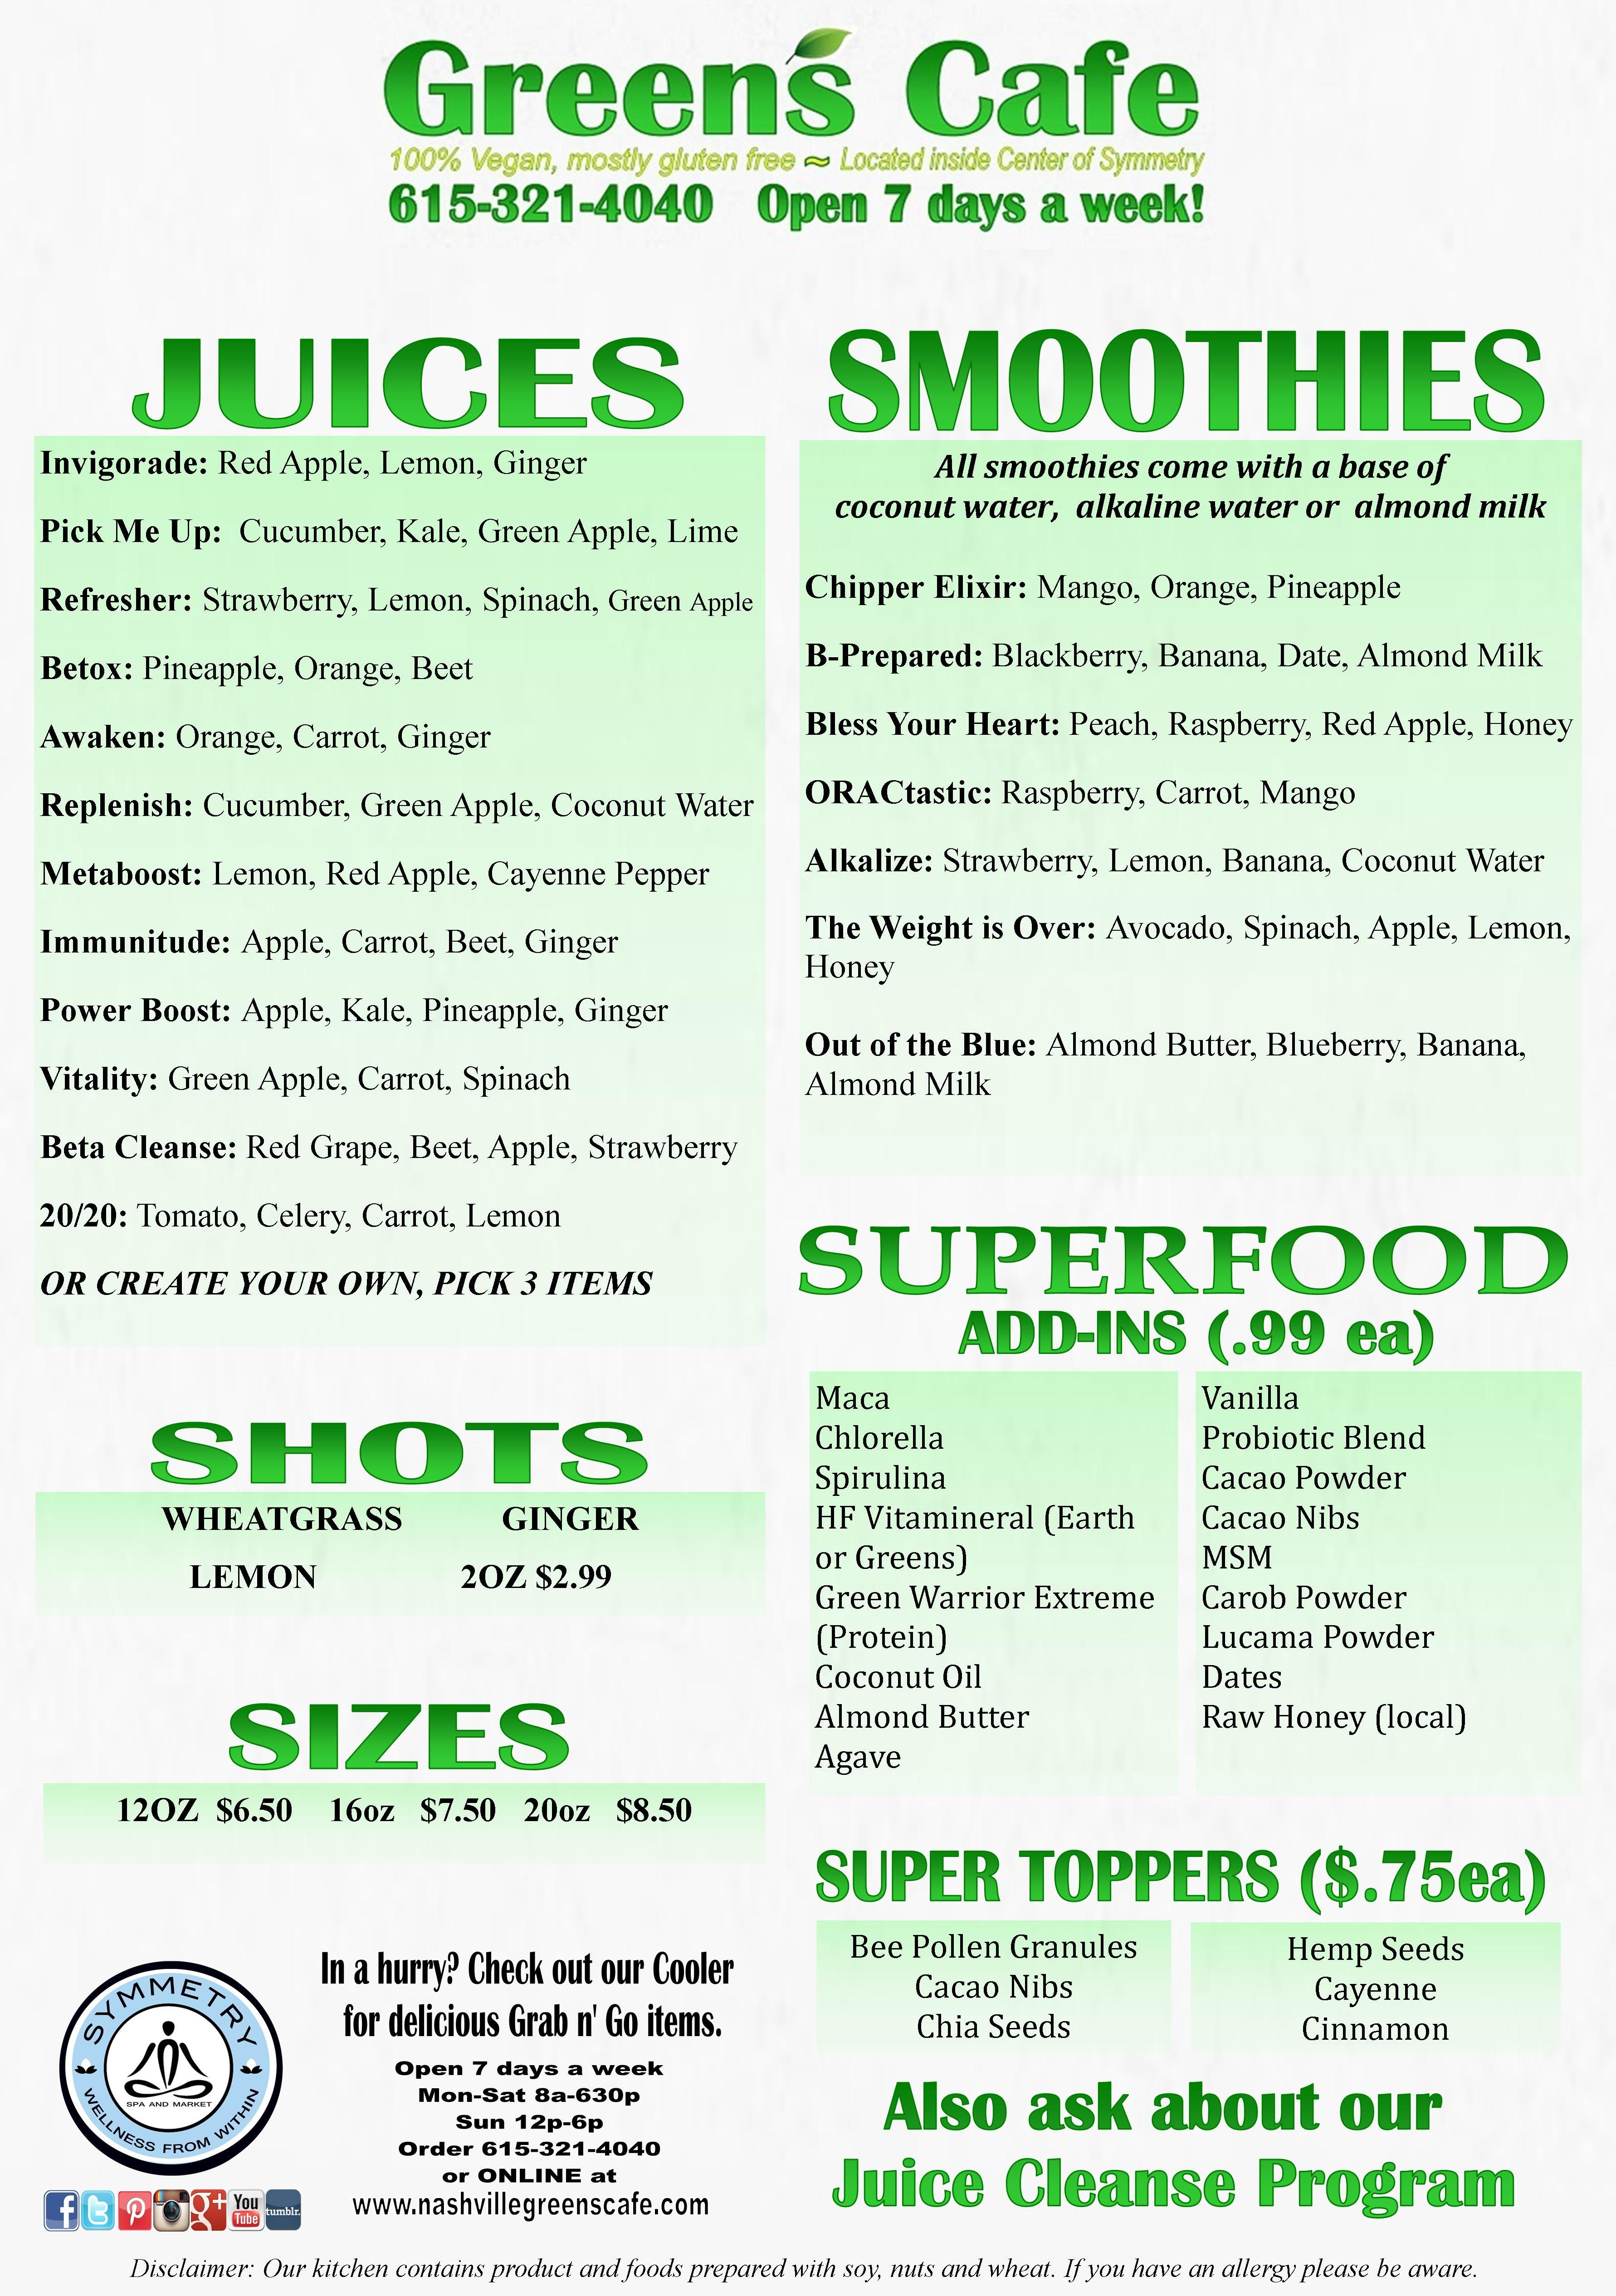 Juice Bar Smoothie Bar Wheatgrass Juice Bar Smoothie Bar Juice Smoothie